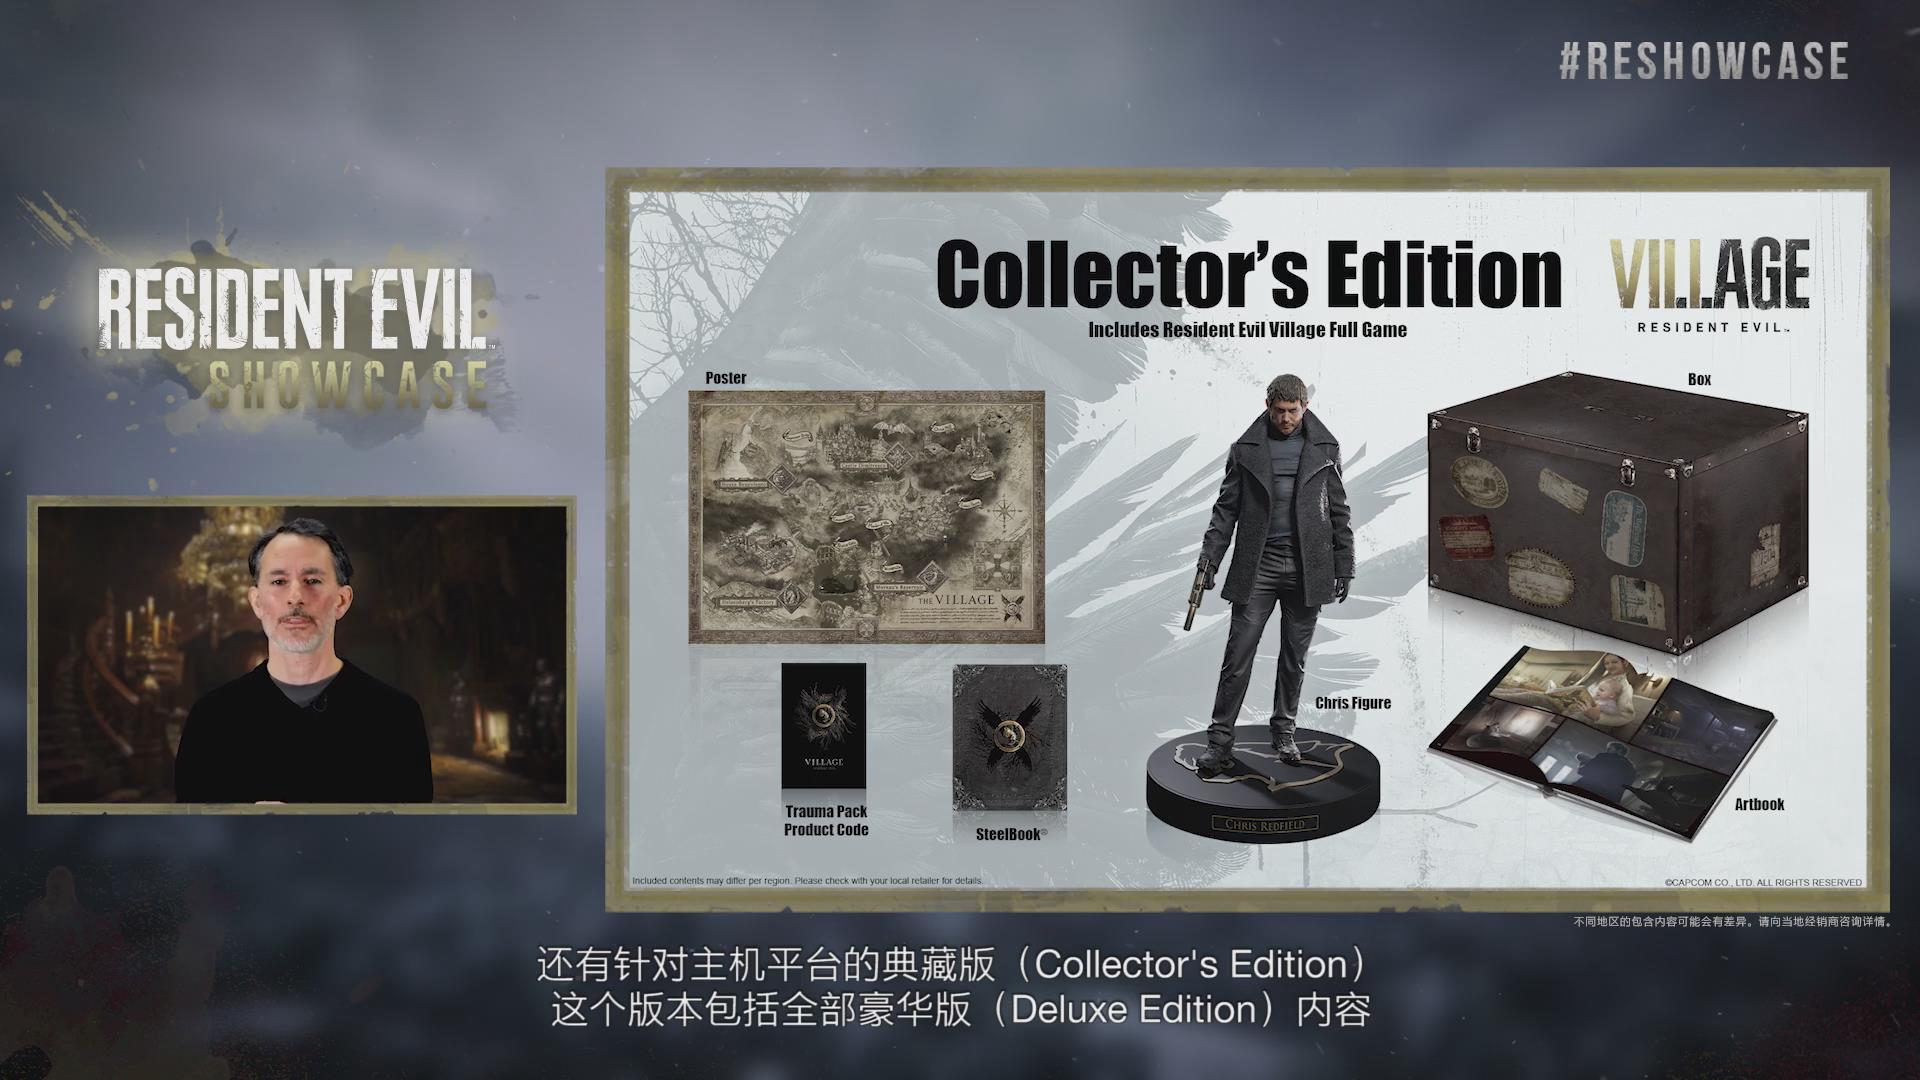 《生化危机8村庄》发售日公布,5月7日发售包含中文字幕和语音